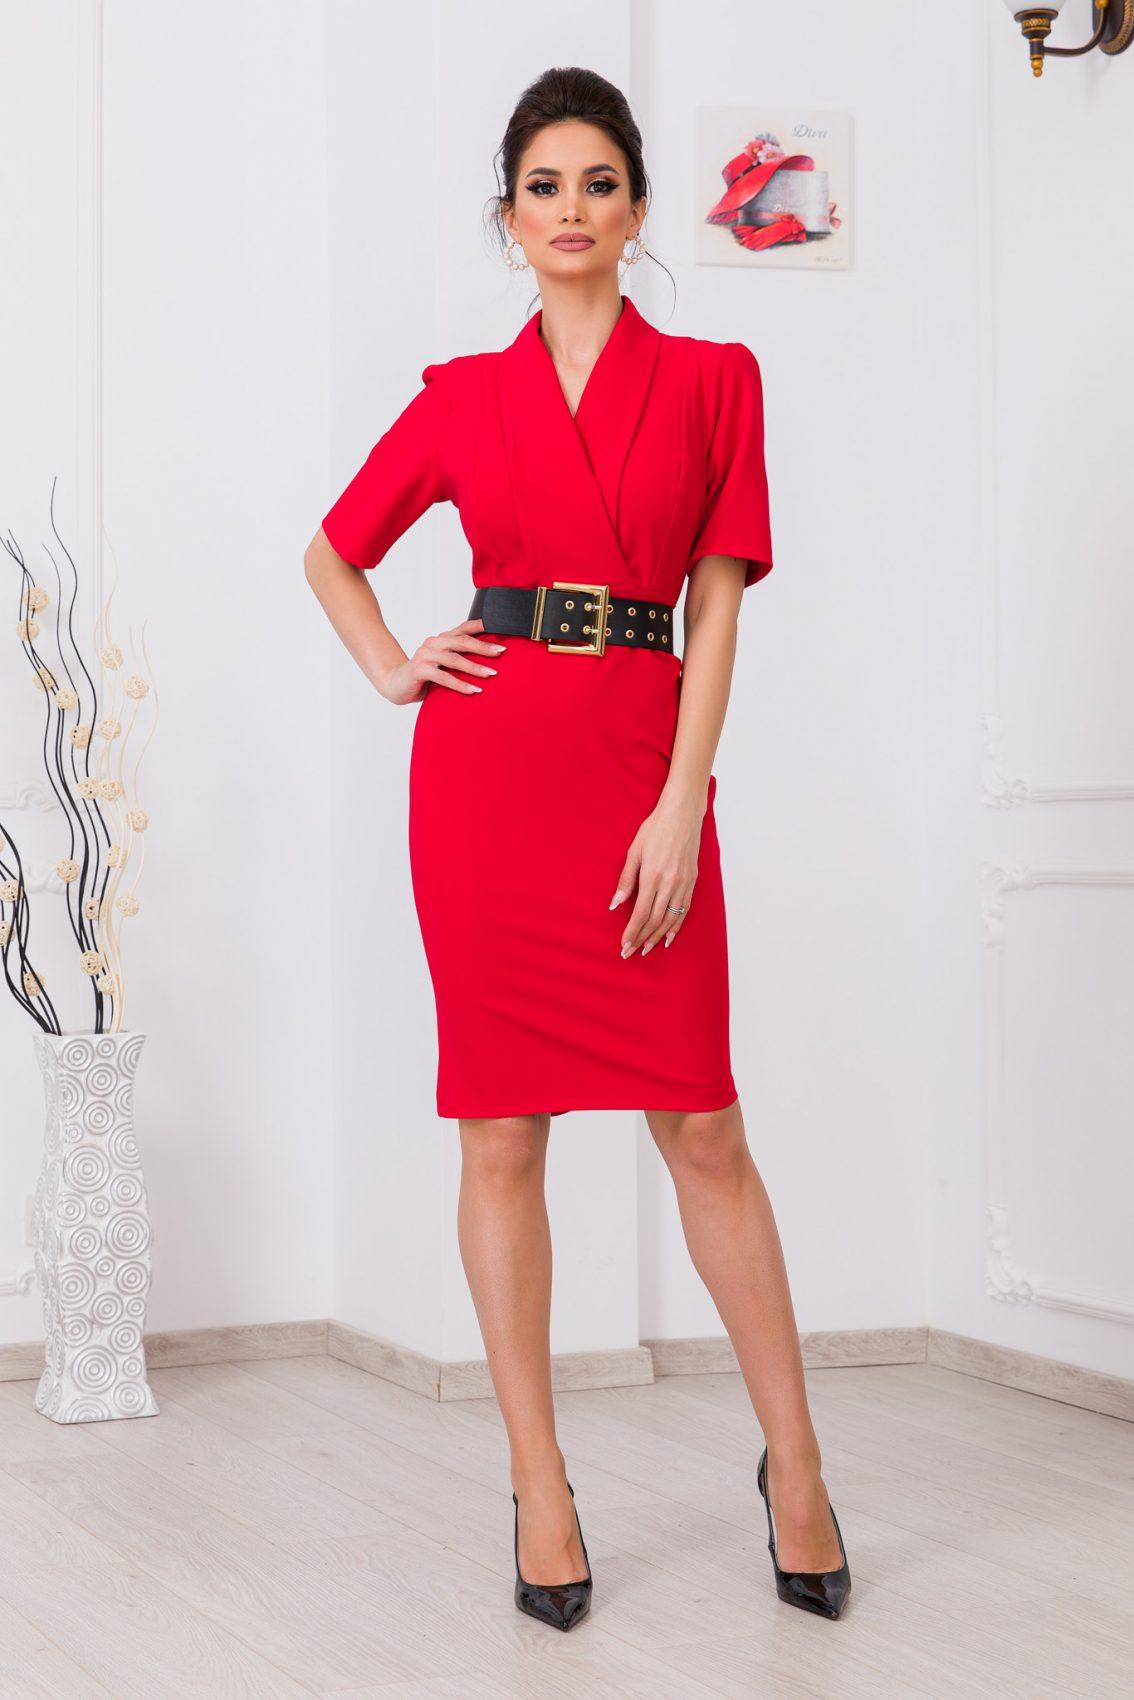 Κόκκινο Φόρεμα Με Ζώνη Evitta 9709 1